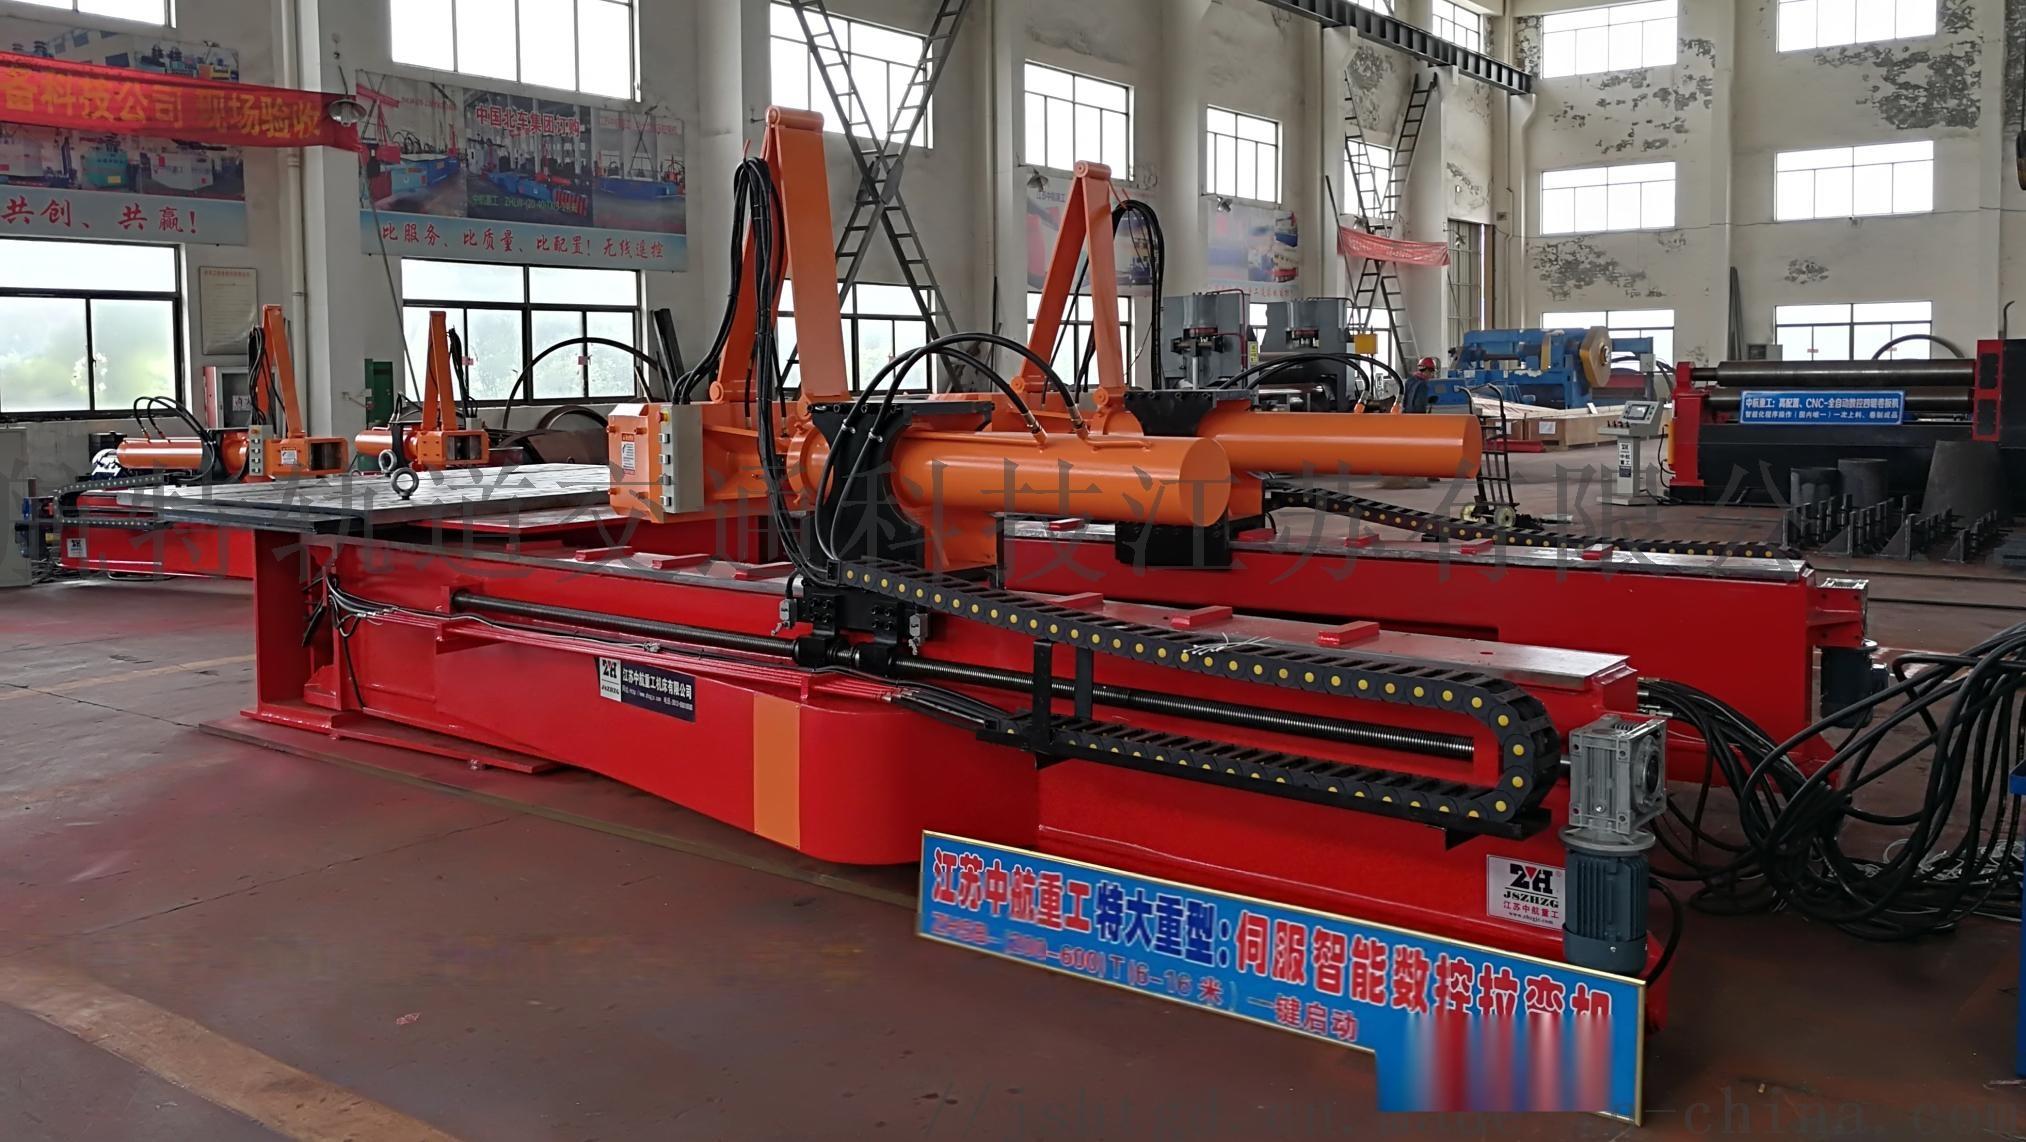 小型鋁型材拉彎機 江蘇中航重工拉彎機 廠家拉彎機81133435